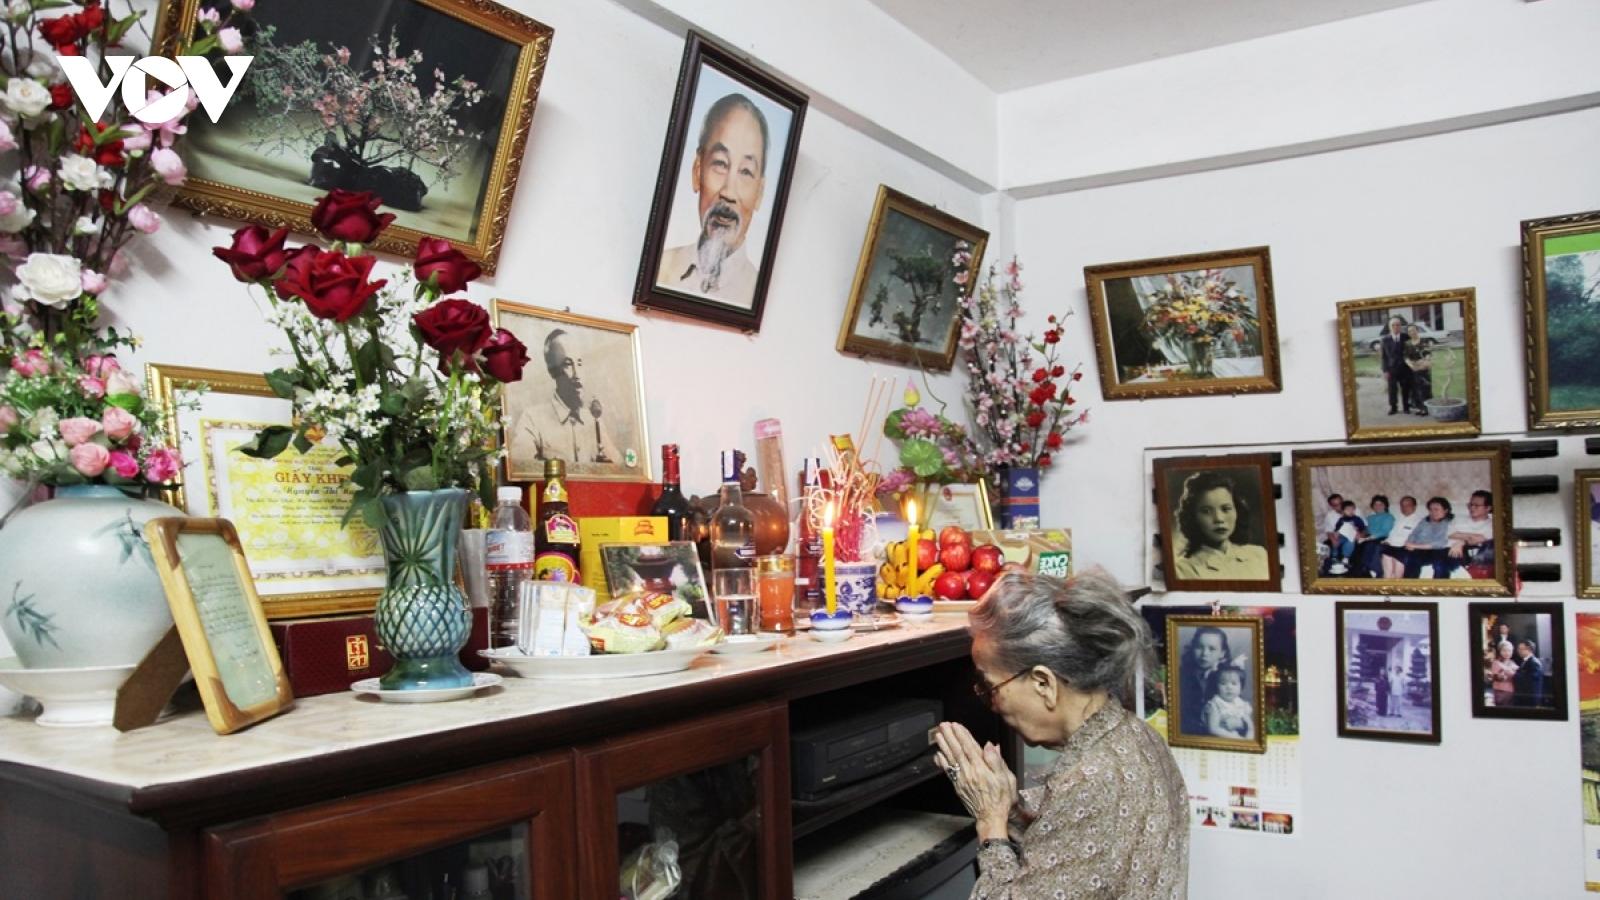 Chân dung Bác Hồ - Bảo vật trong gia đình một Việt kiều tại Lào